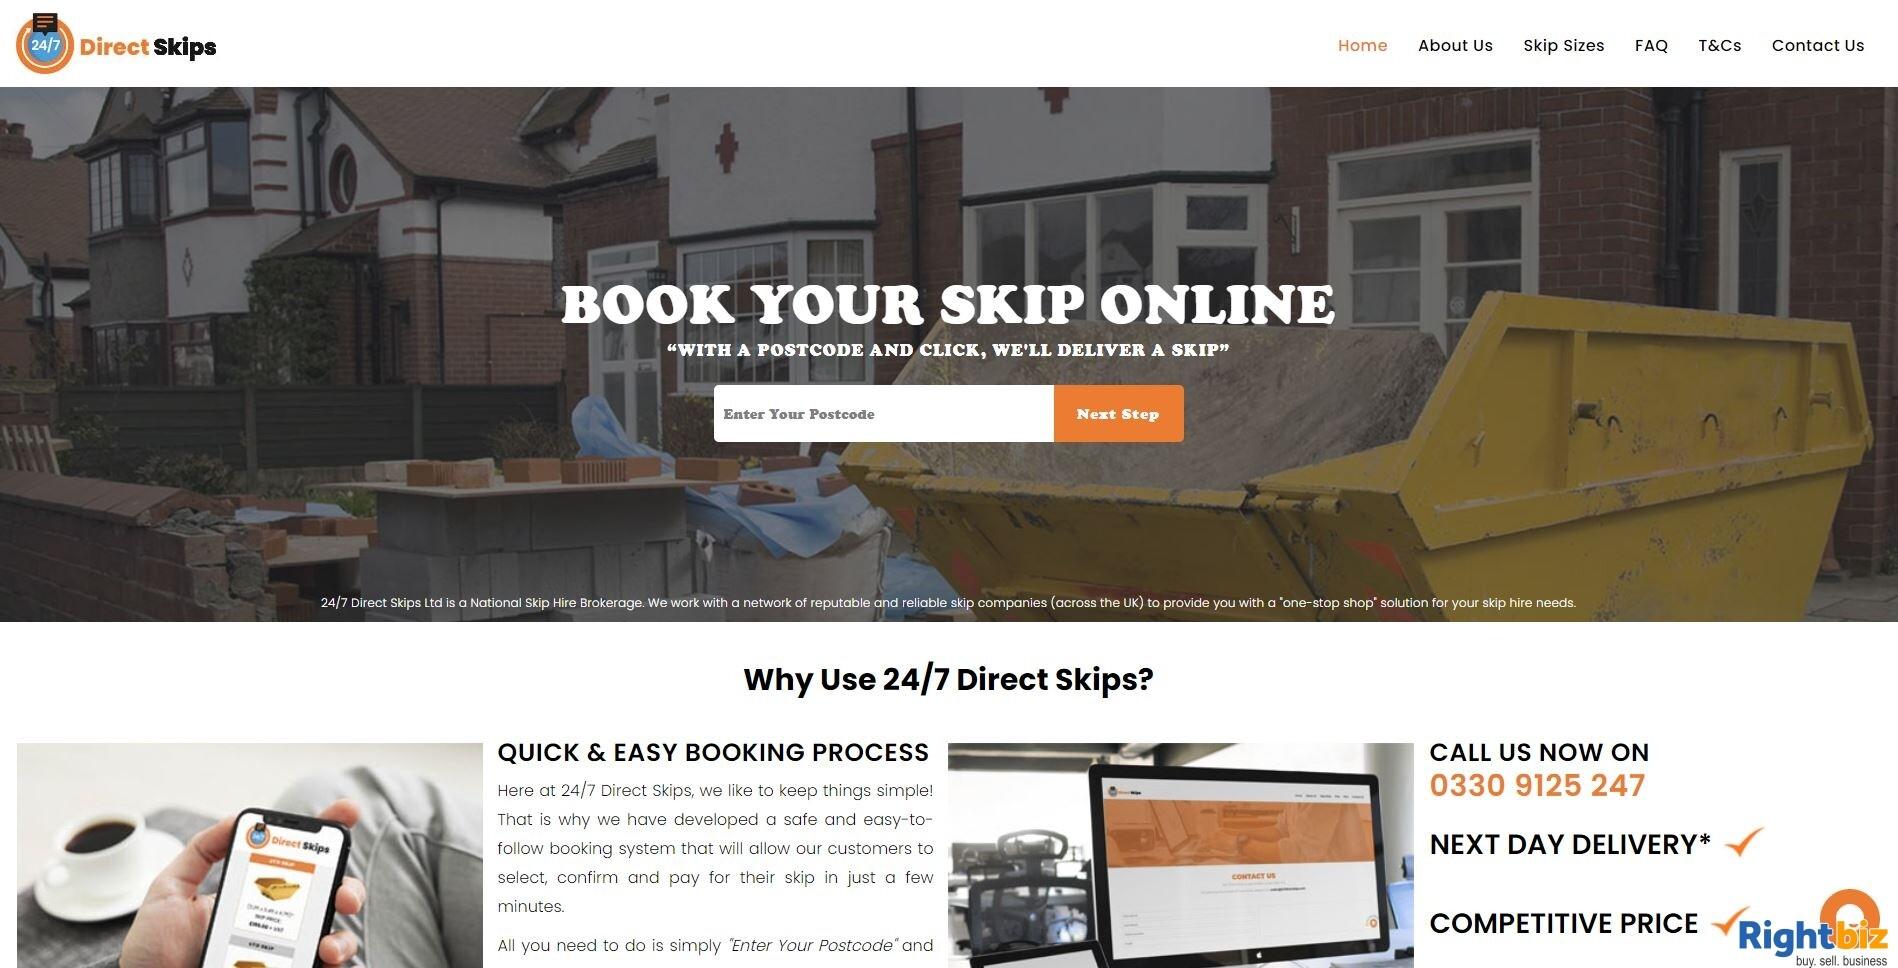 Skip Hire (Brokerage) Business for Sale - 247 Direct Skips Ltd - Image 4